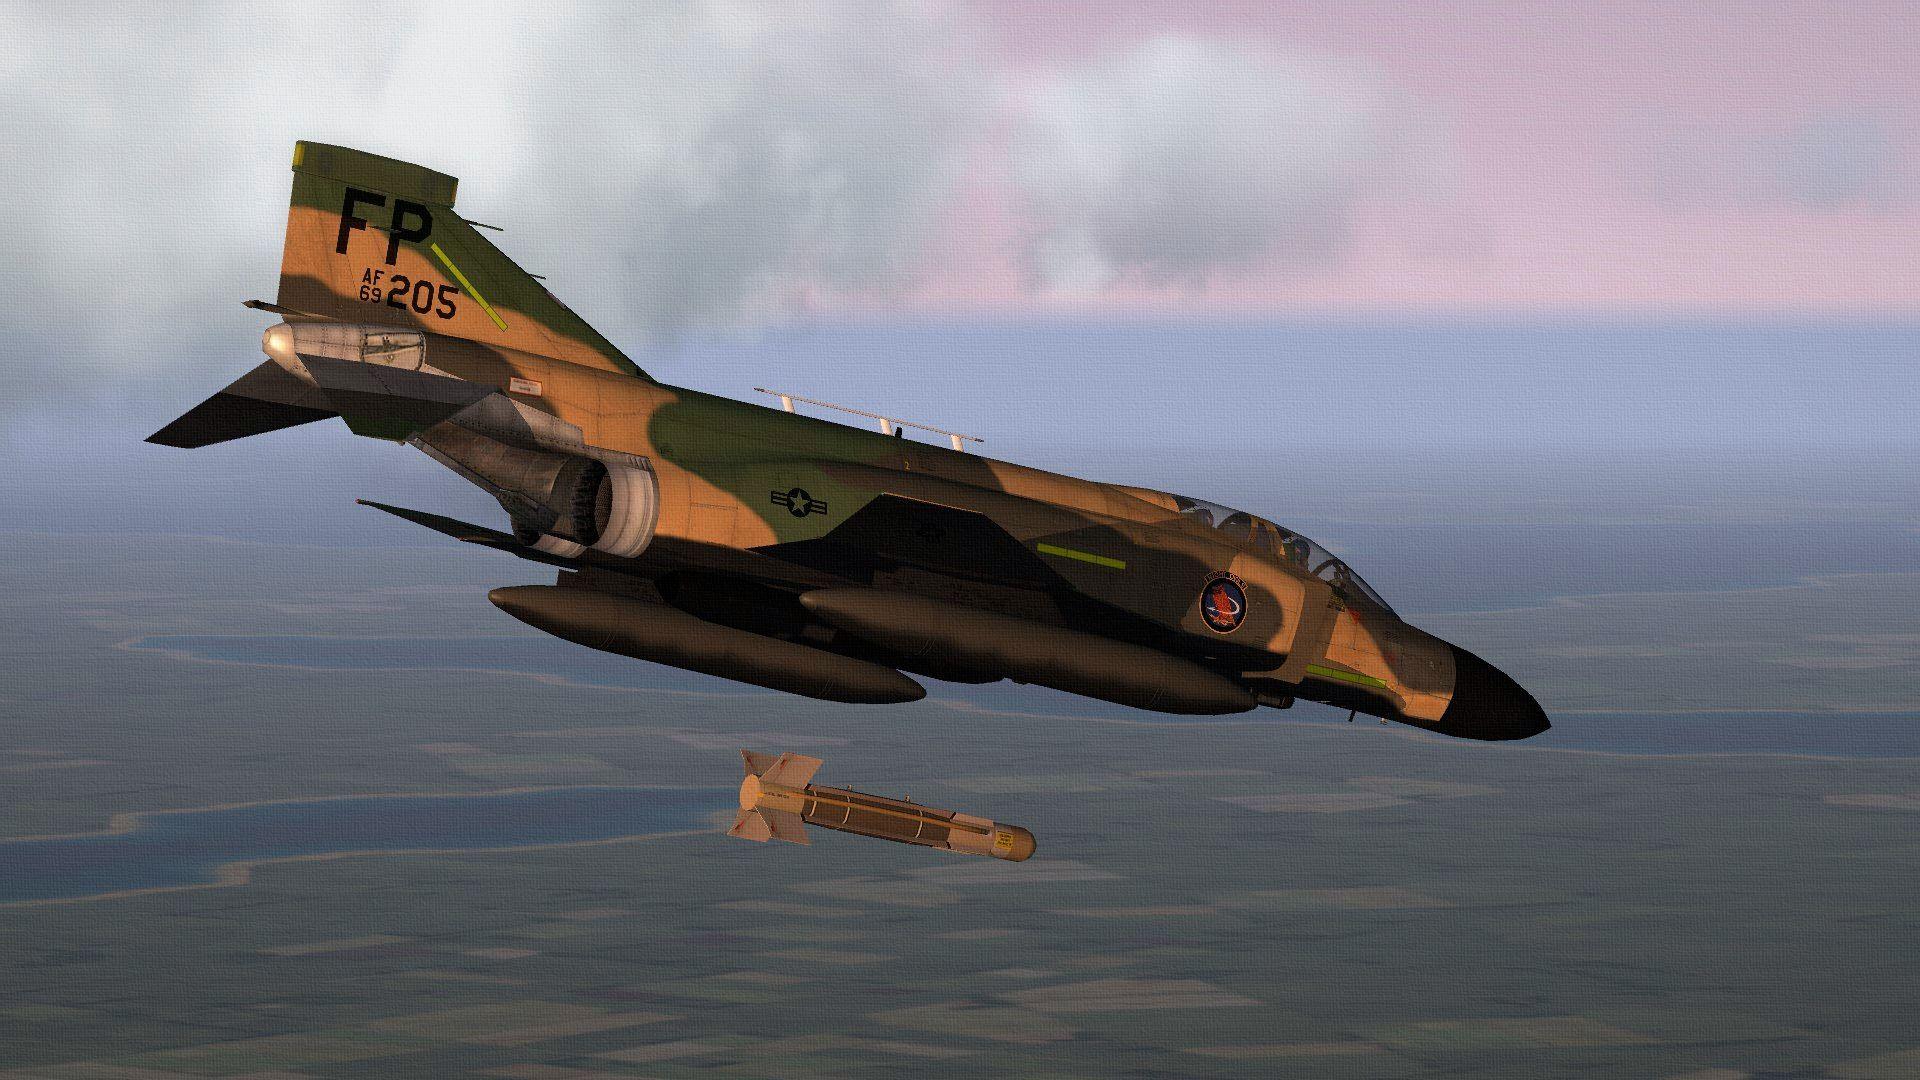 USAFF-4MPHANTOM18_zps3846cad5.jpg